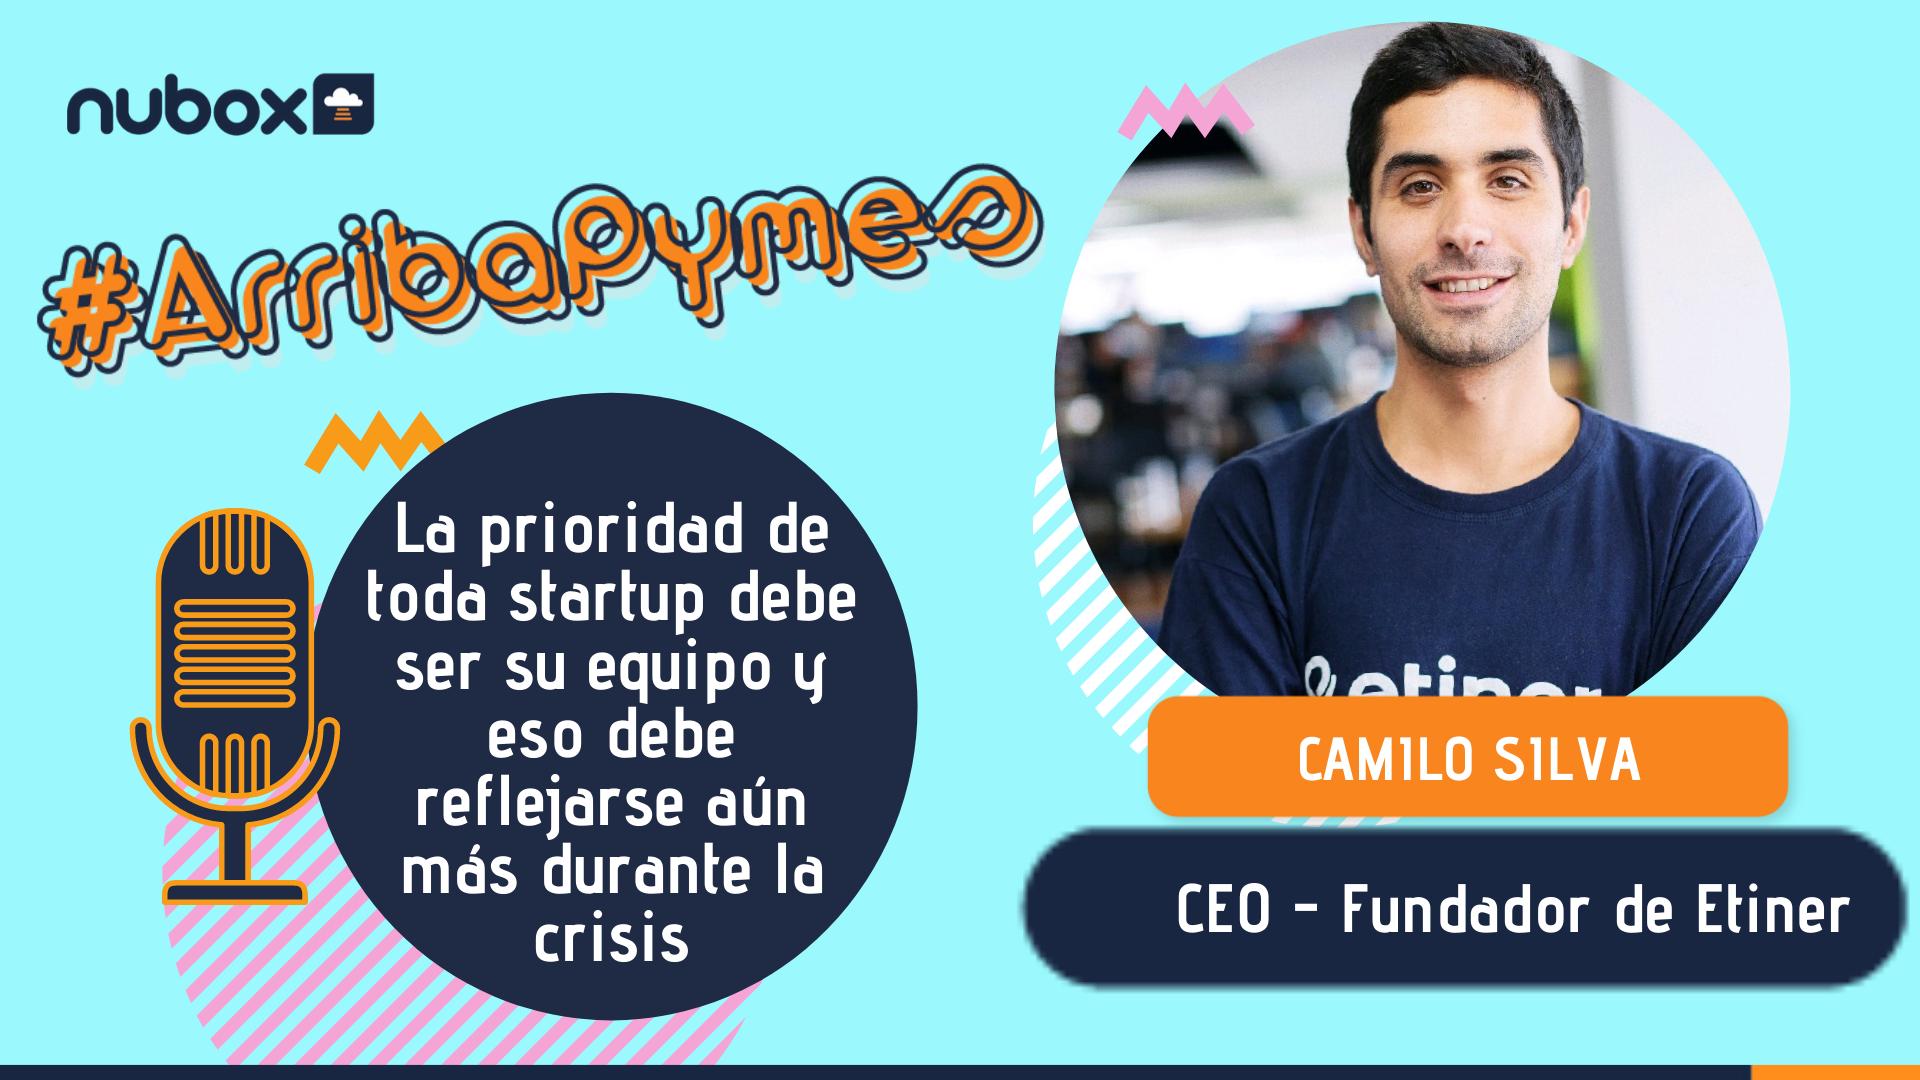 [Podcast #9] Camilo Silva: La prioridad de toda startup debe ser su equipo y eso debe reflejarse aún más durante la crisis